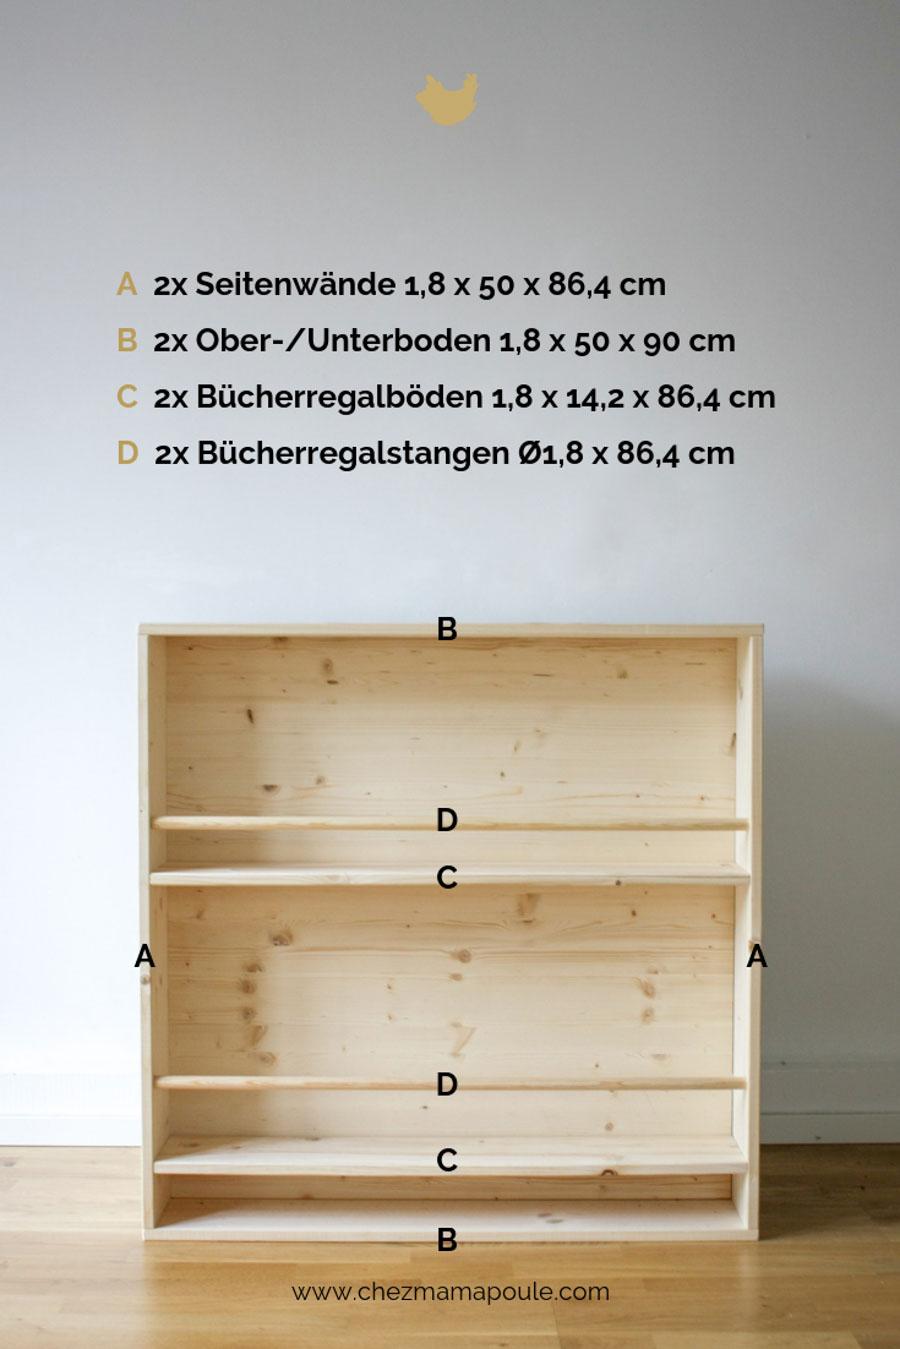 DIY Möbel: Bücherregal für Kinder, dieses Holz brauchts um Möbel selber zu machen und ein Montessori Kinderzimmer einrichten.